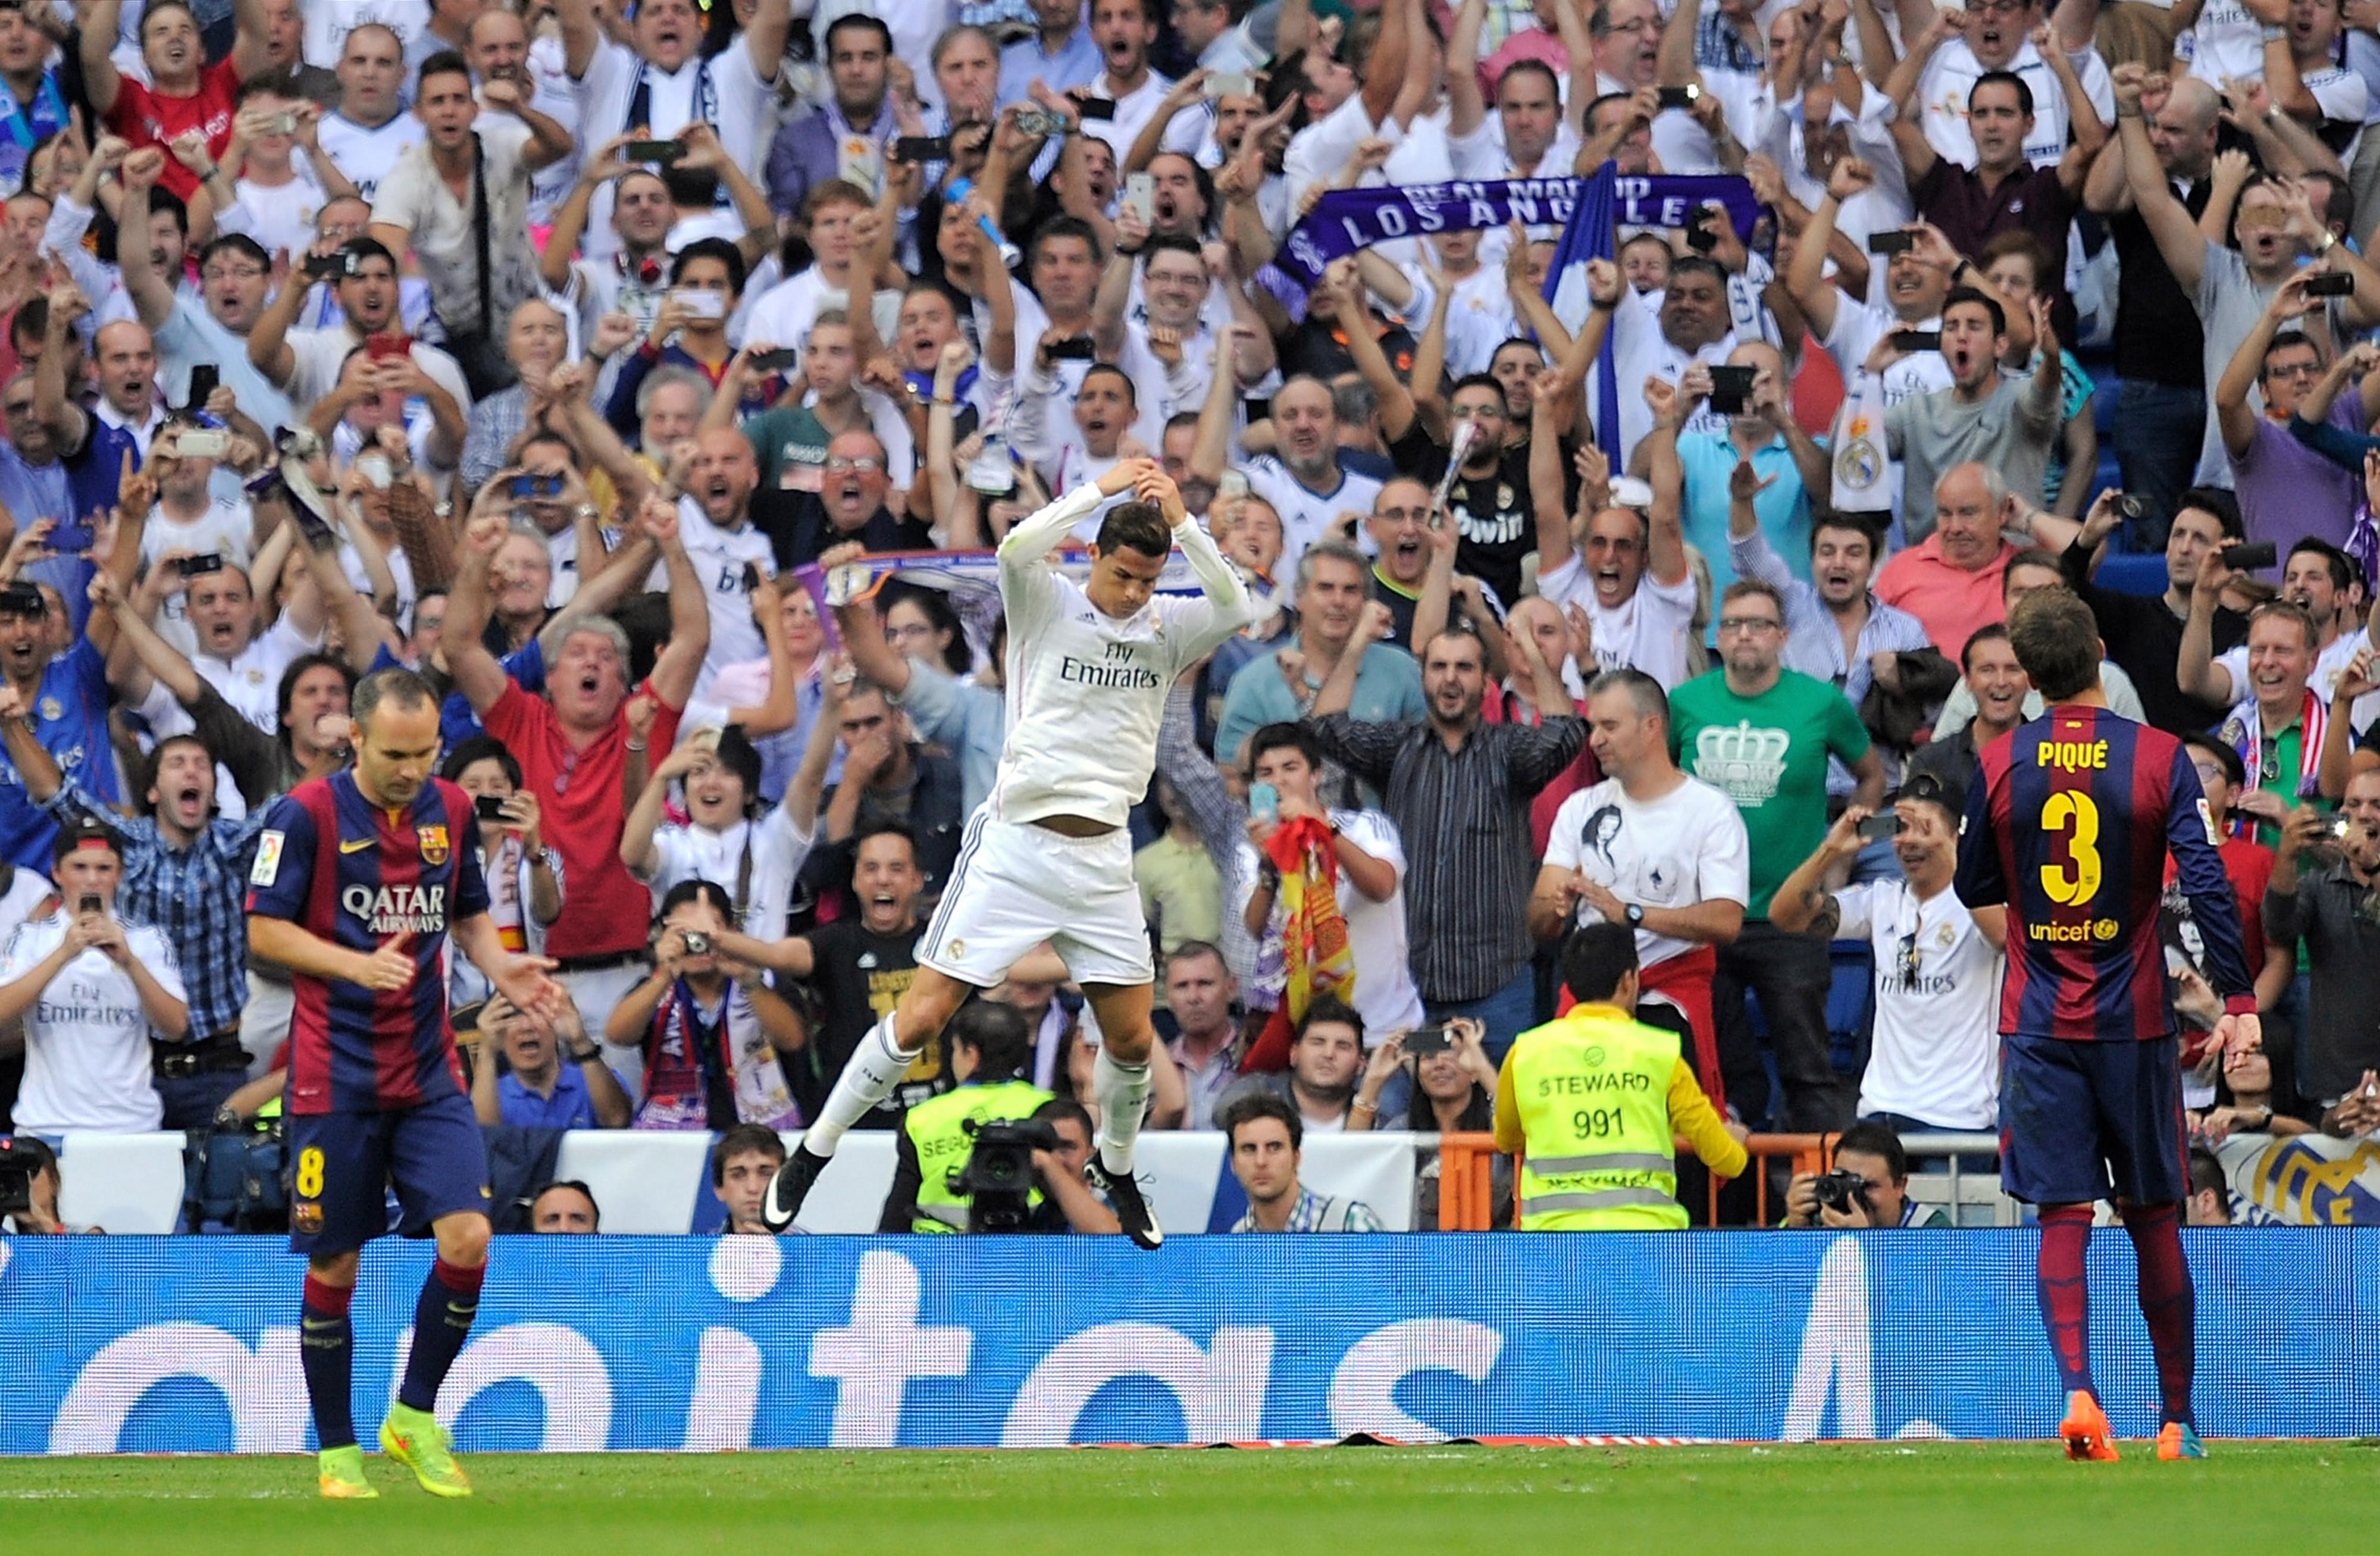 كورة اون لاين ملخص مباراة برشلونة وريال مدريد الكلاسيكو السابق وأهم الهجمات الضائعة